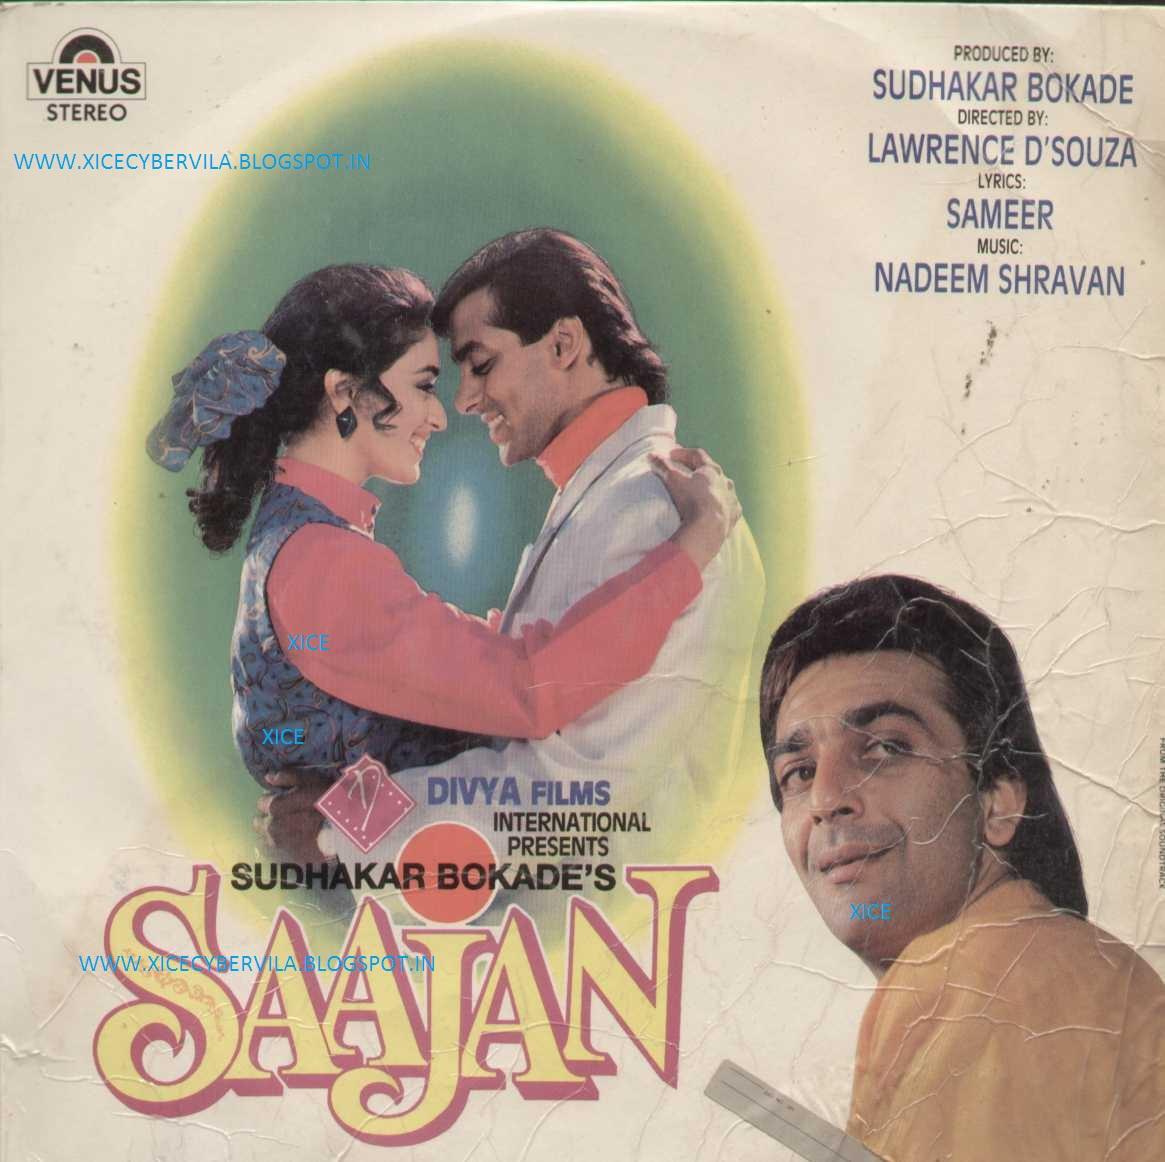 Pehli Pehli Baar Jado Hath Mera Mp3 Download: COLLEGE PROJECTS AND MUSIC JUNCTION: SAAJAN (1991) / OST